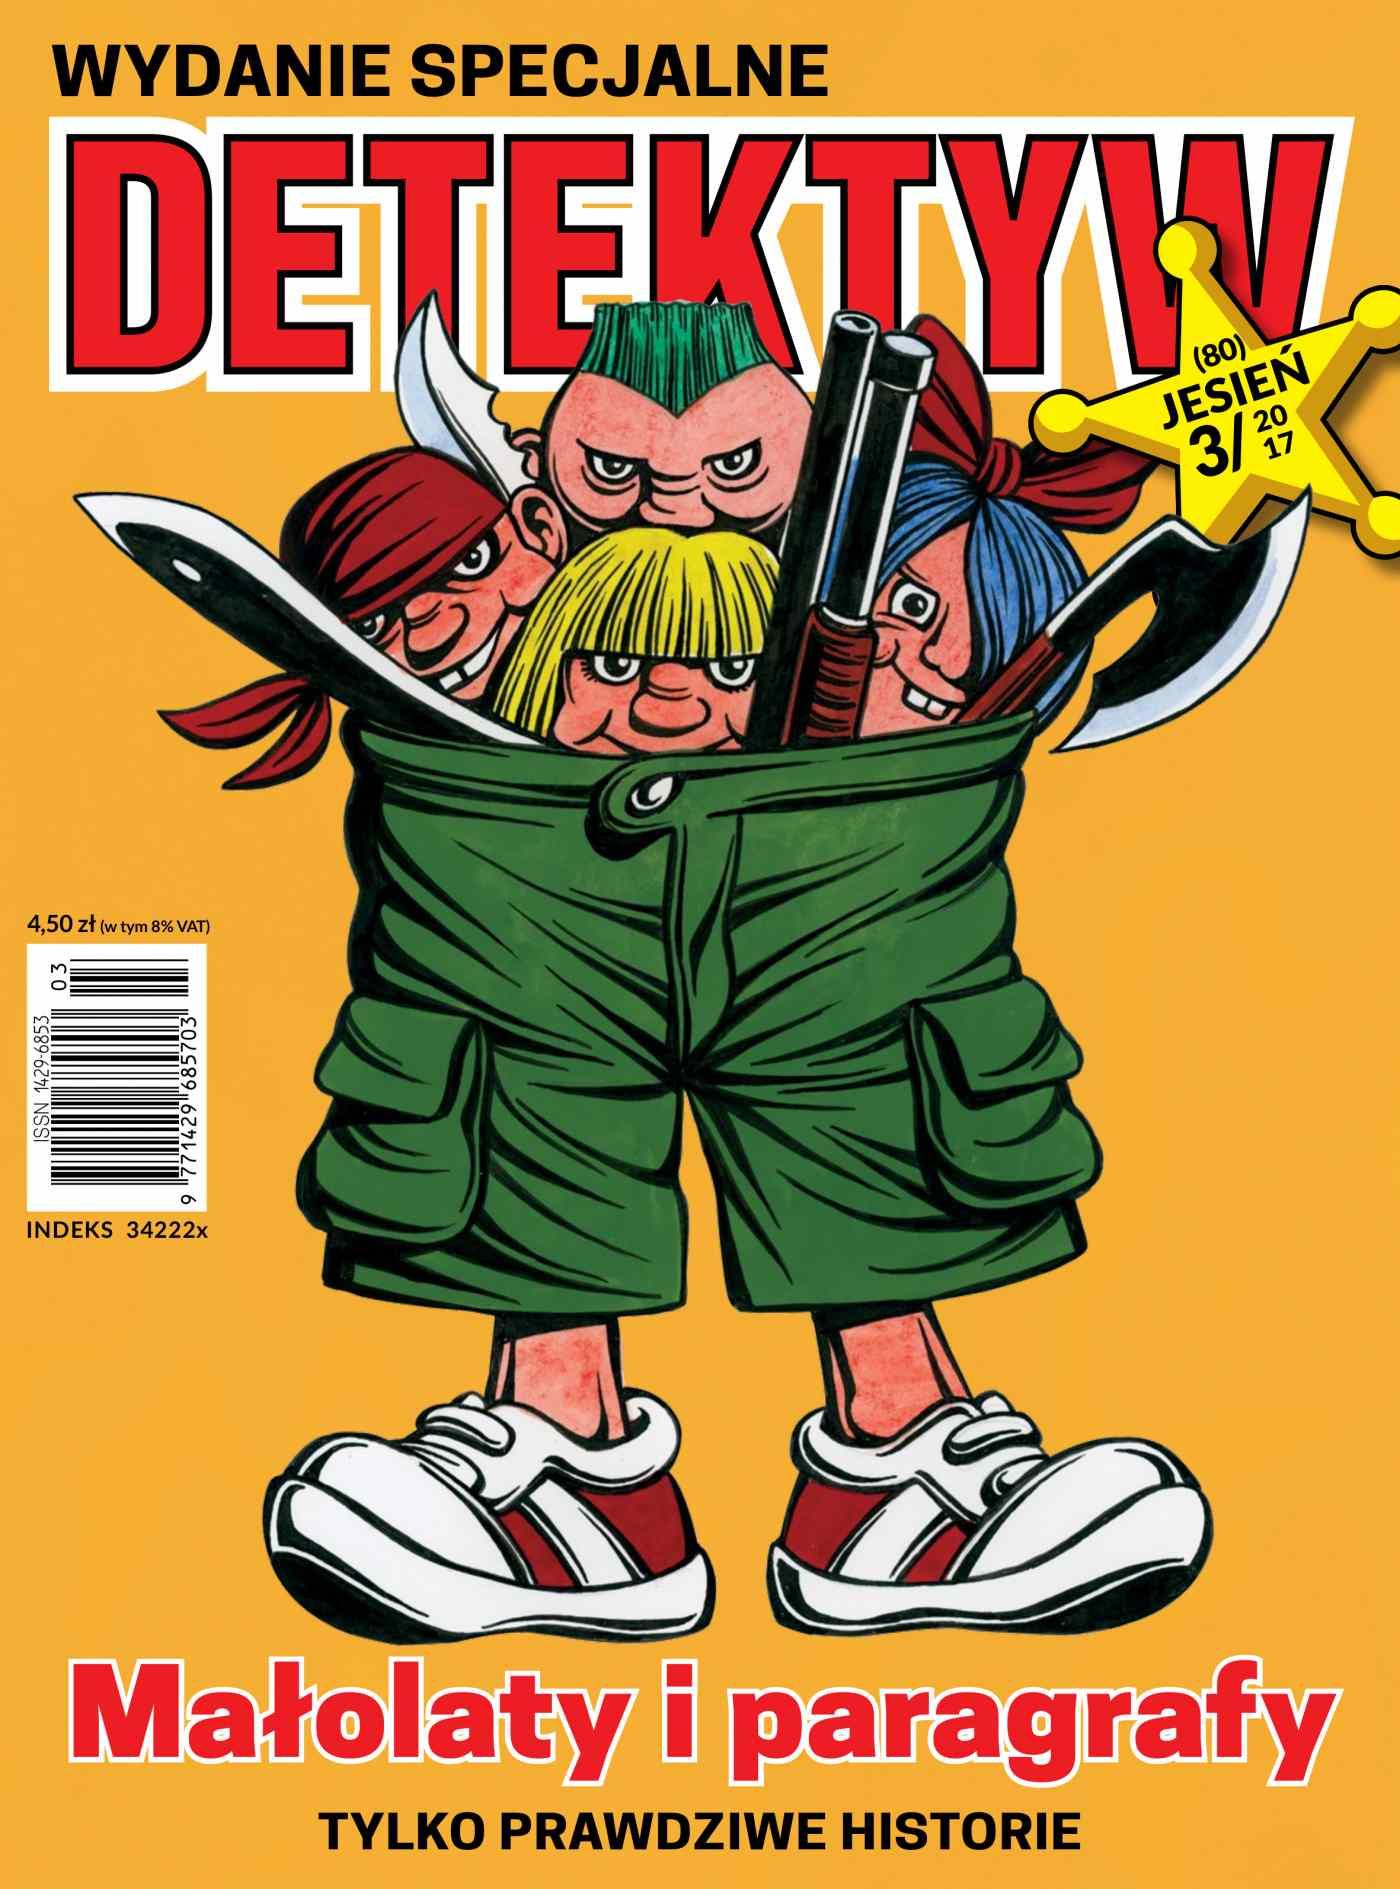 Detektyw - Wydanie Specjalne 3/2017 - Ebook (Książka na Kindle) do pobrania w formacie MOBI